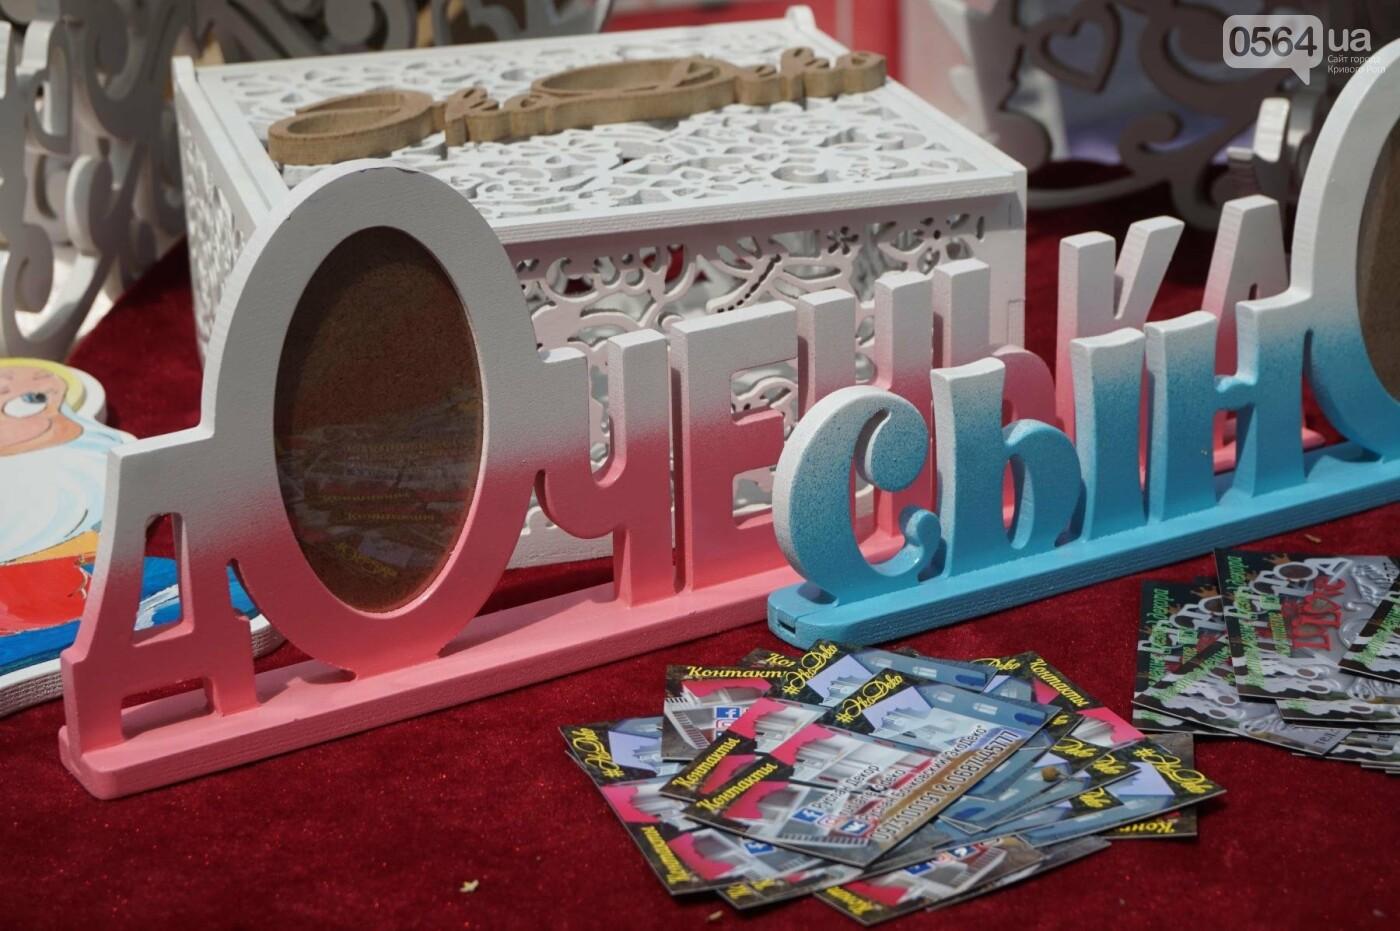 """Криворожане культурно отдыхают на фестивале искусства и еды """"Артишок"""", - ФОТО, ВИДЕО, фото-72"""